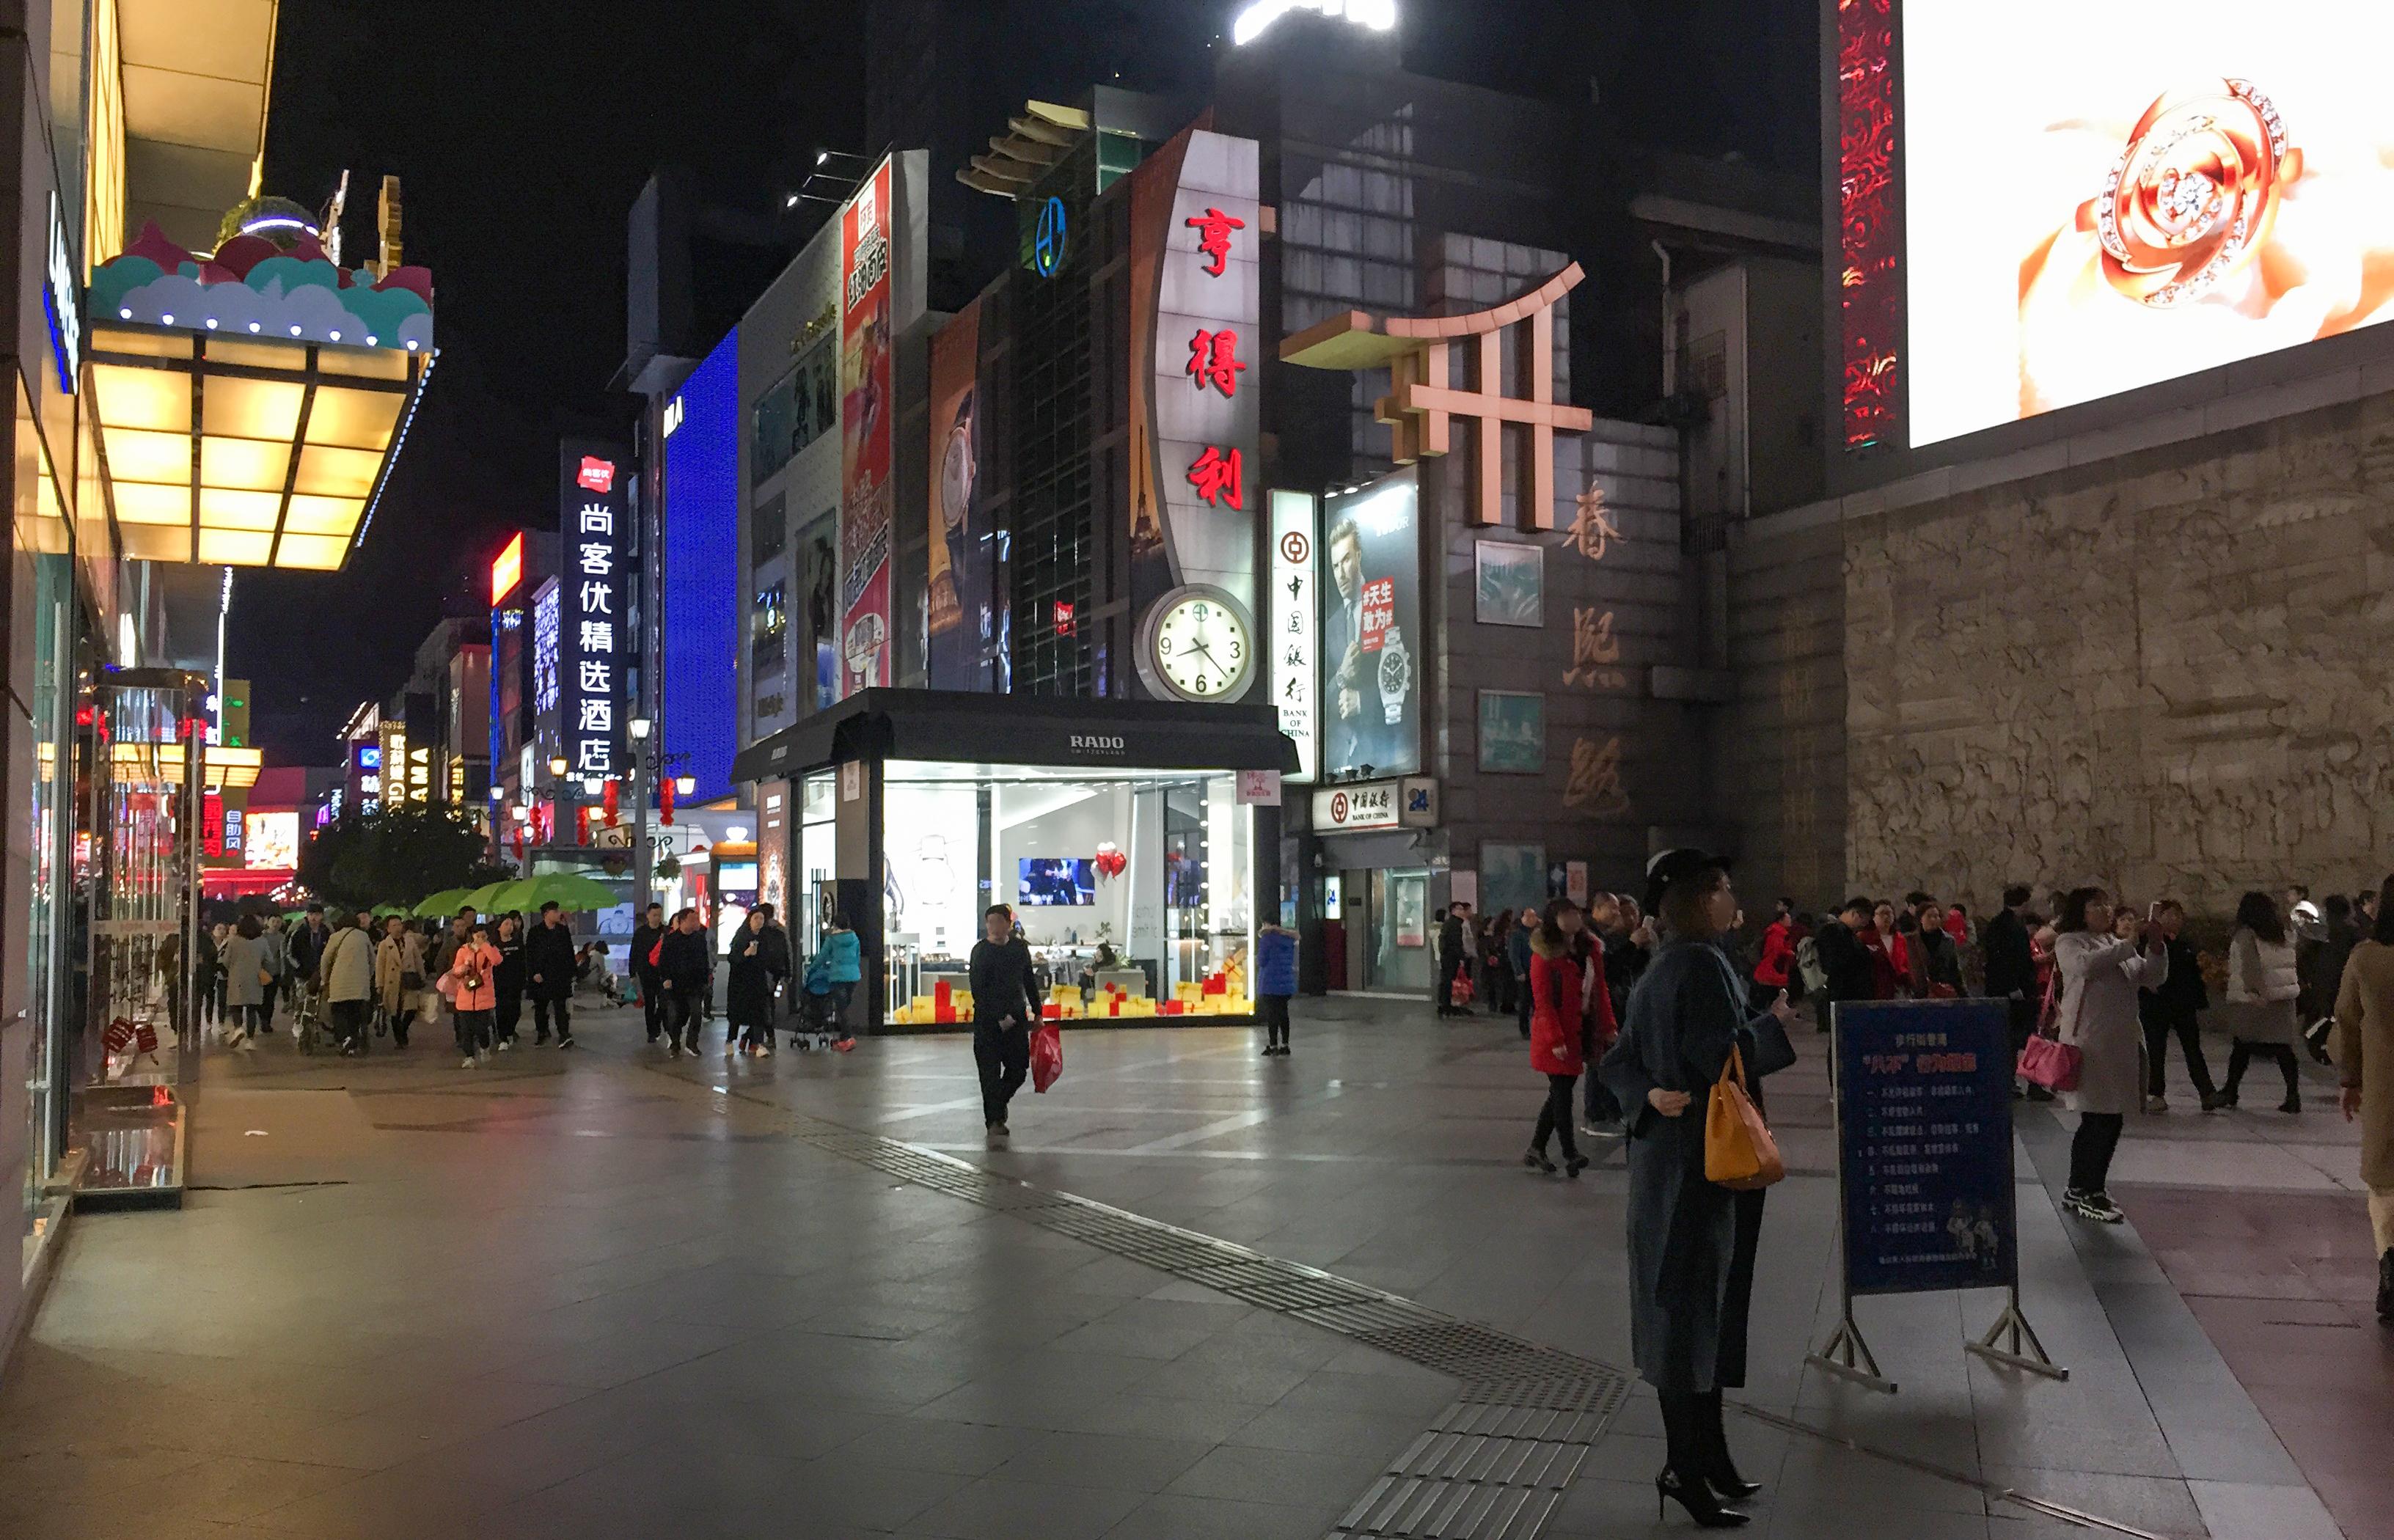 North entrance of Chunxi Road (20180218202158).jpg